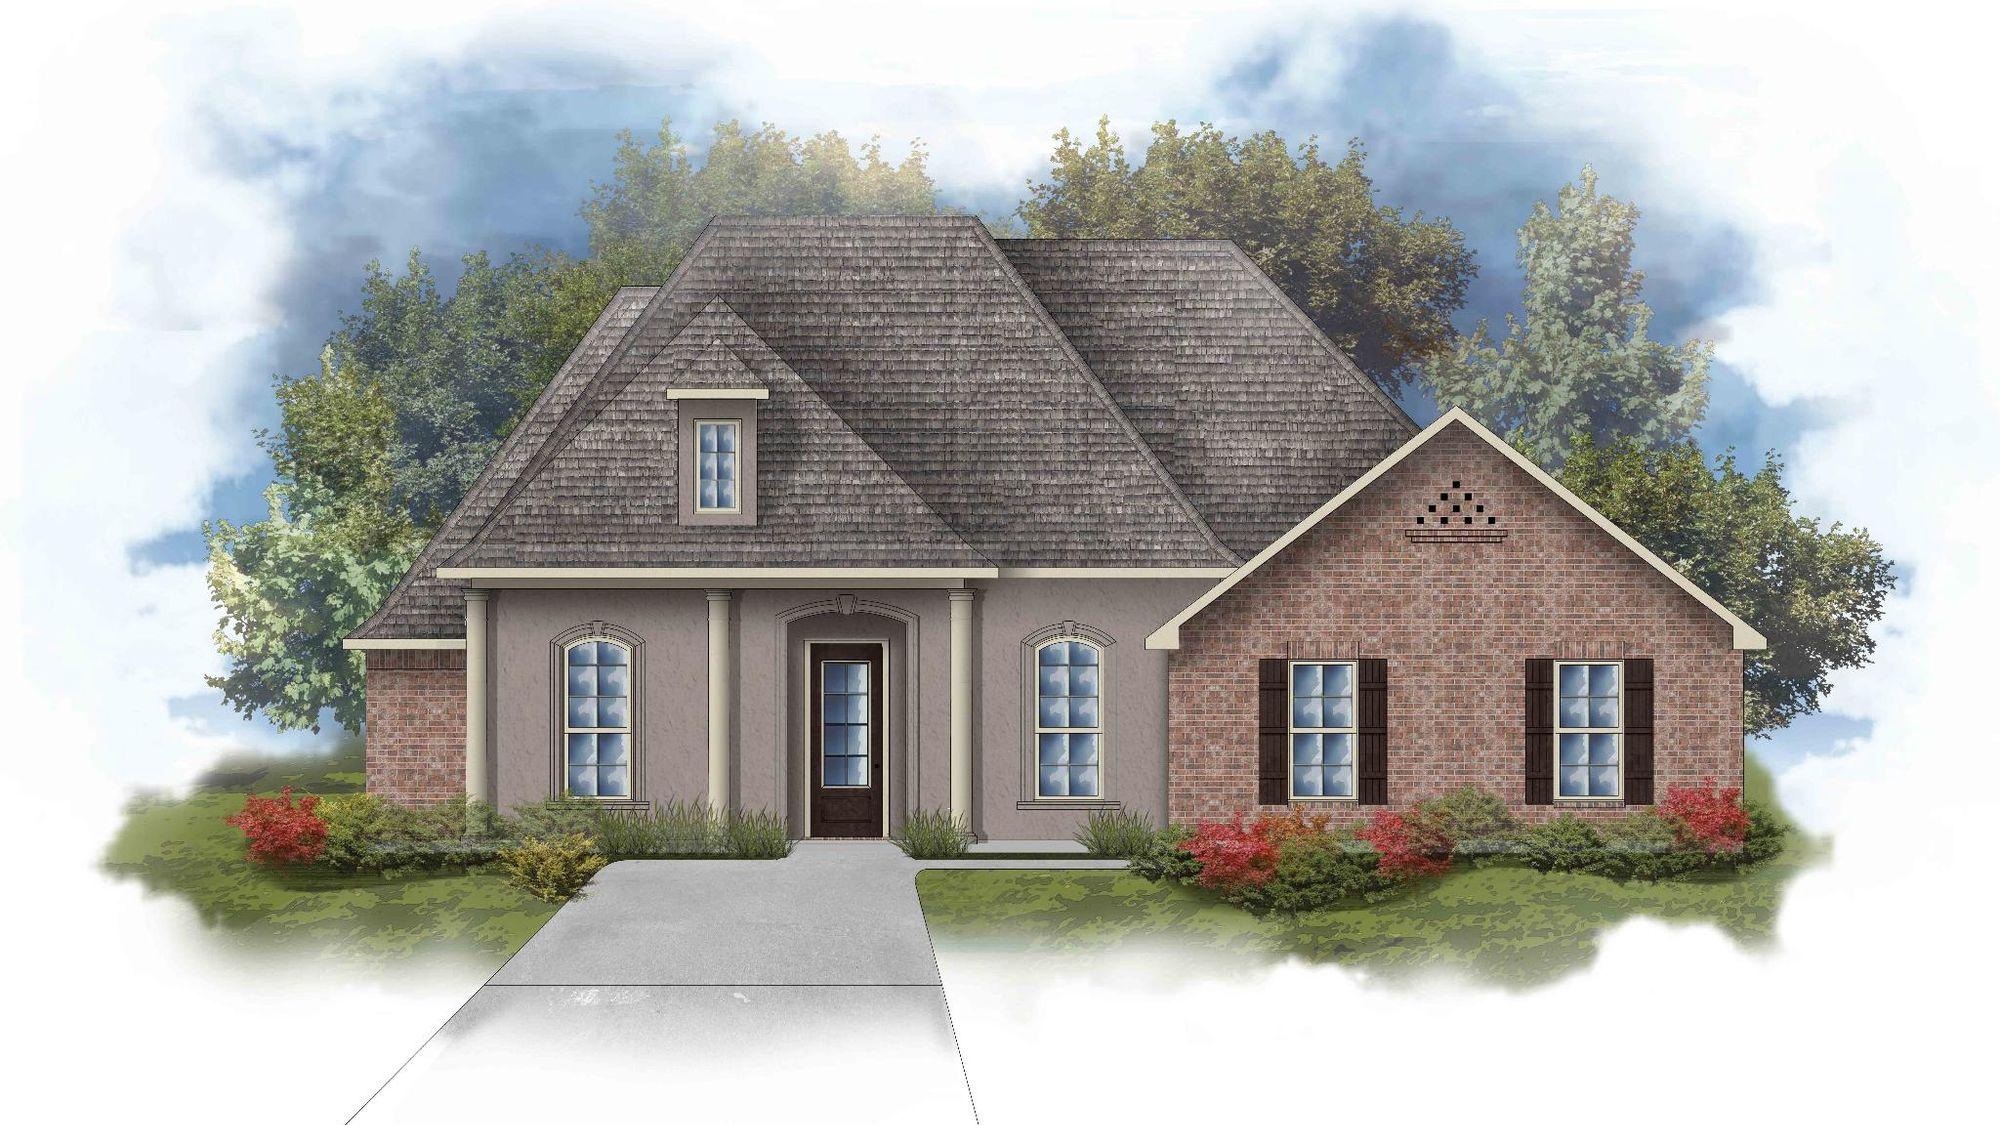 Renoir III D Open Floorplan Elevation Image - DSLD Homes